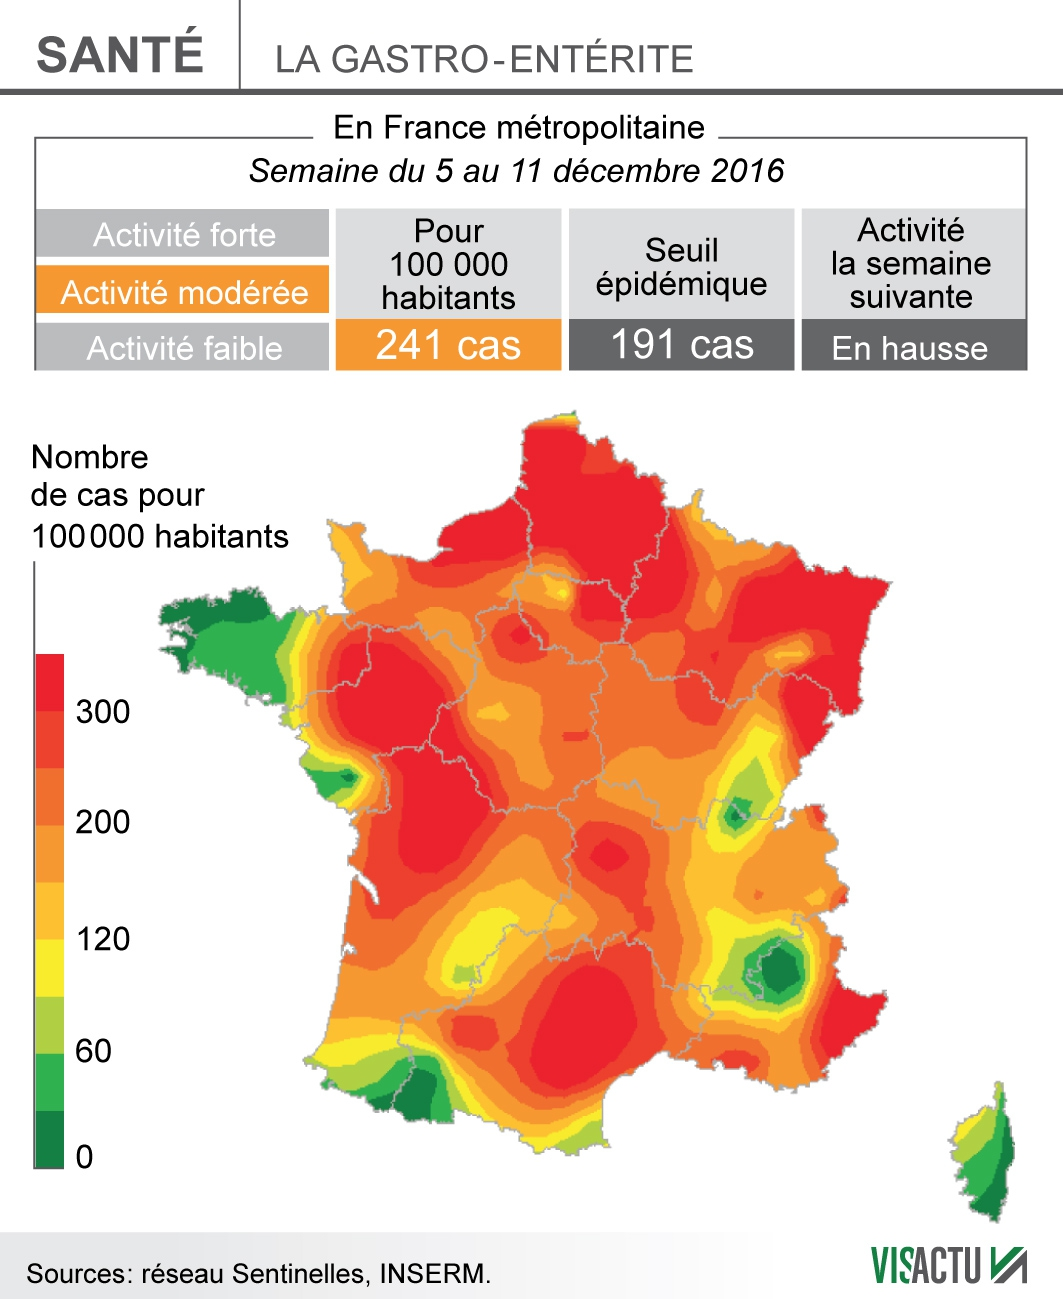 L'épidémie de gastro poursuit sa progression en France